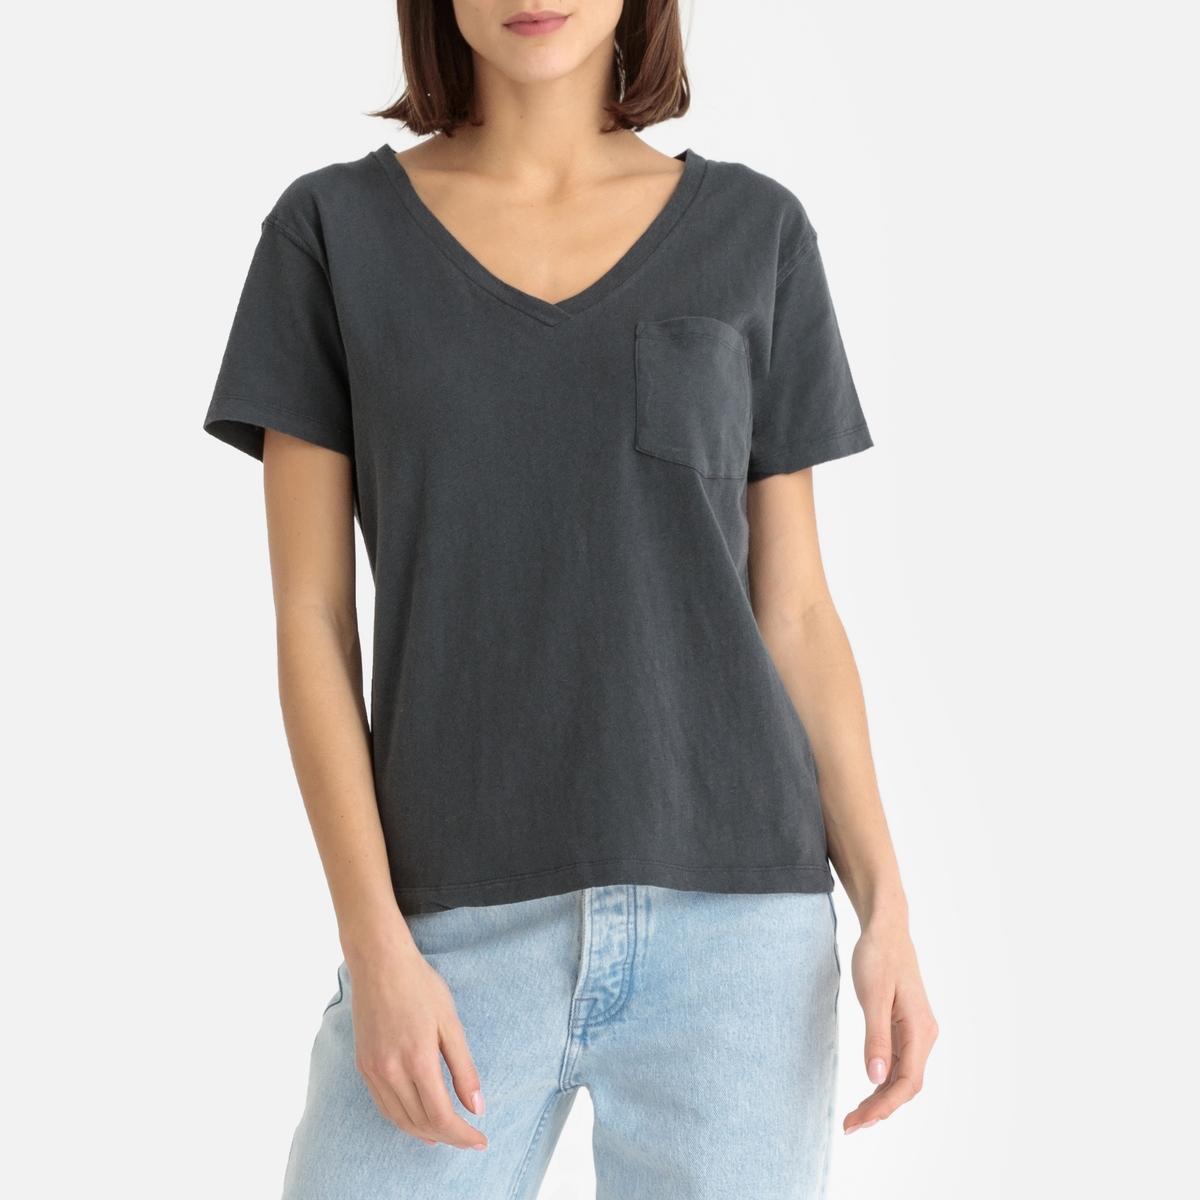 Imagen principal de producto de Camiseta con cuello redondo de manga corta GAMIPY - American Vintage